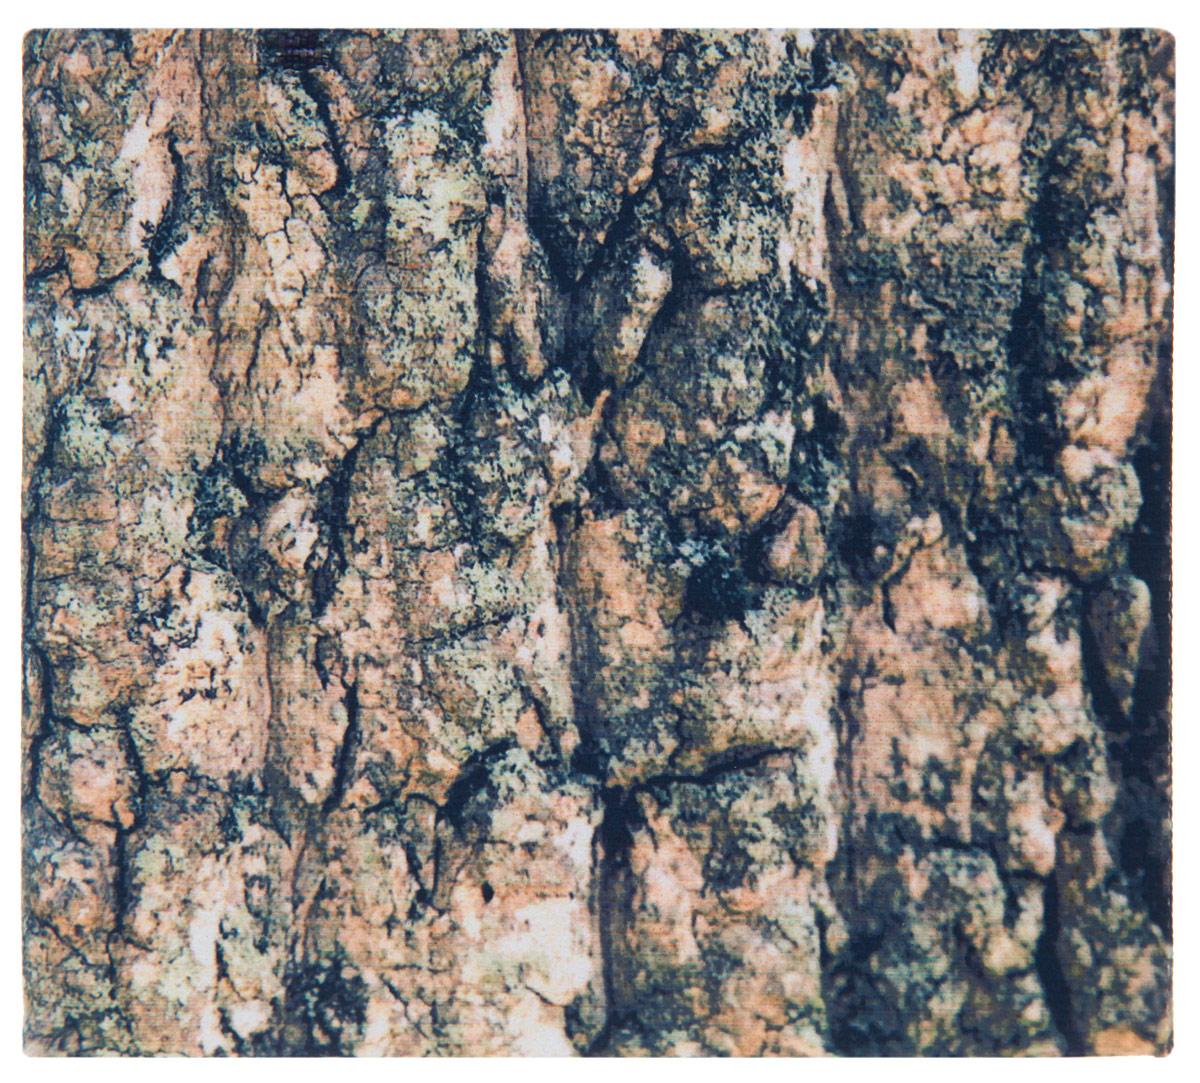 Кошелек Кора. KZAM019INT-06501Авторский, неповторимый кошелек от Mitya Veselkov Кора выполнен из синтетического материала и оформлен изображением коры.Кошелек раскладывается пополам и содержит отделение для купюр и два врезных кармана для кредитных карт или визиток.Стильный кошелек Mitya Veselkov Кора станет отличным подарком для творческого человека.